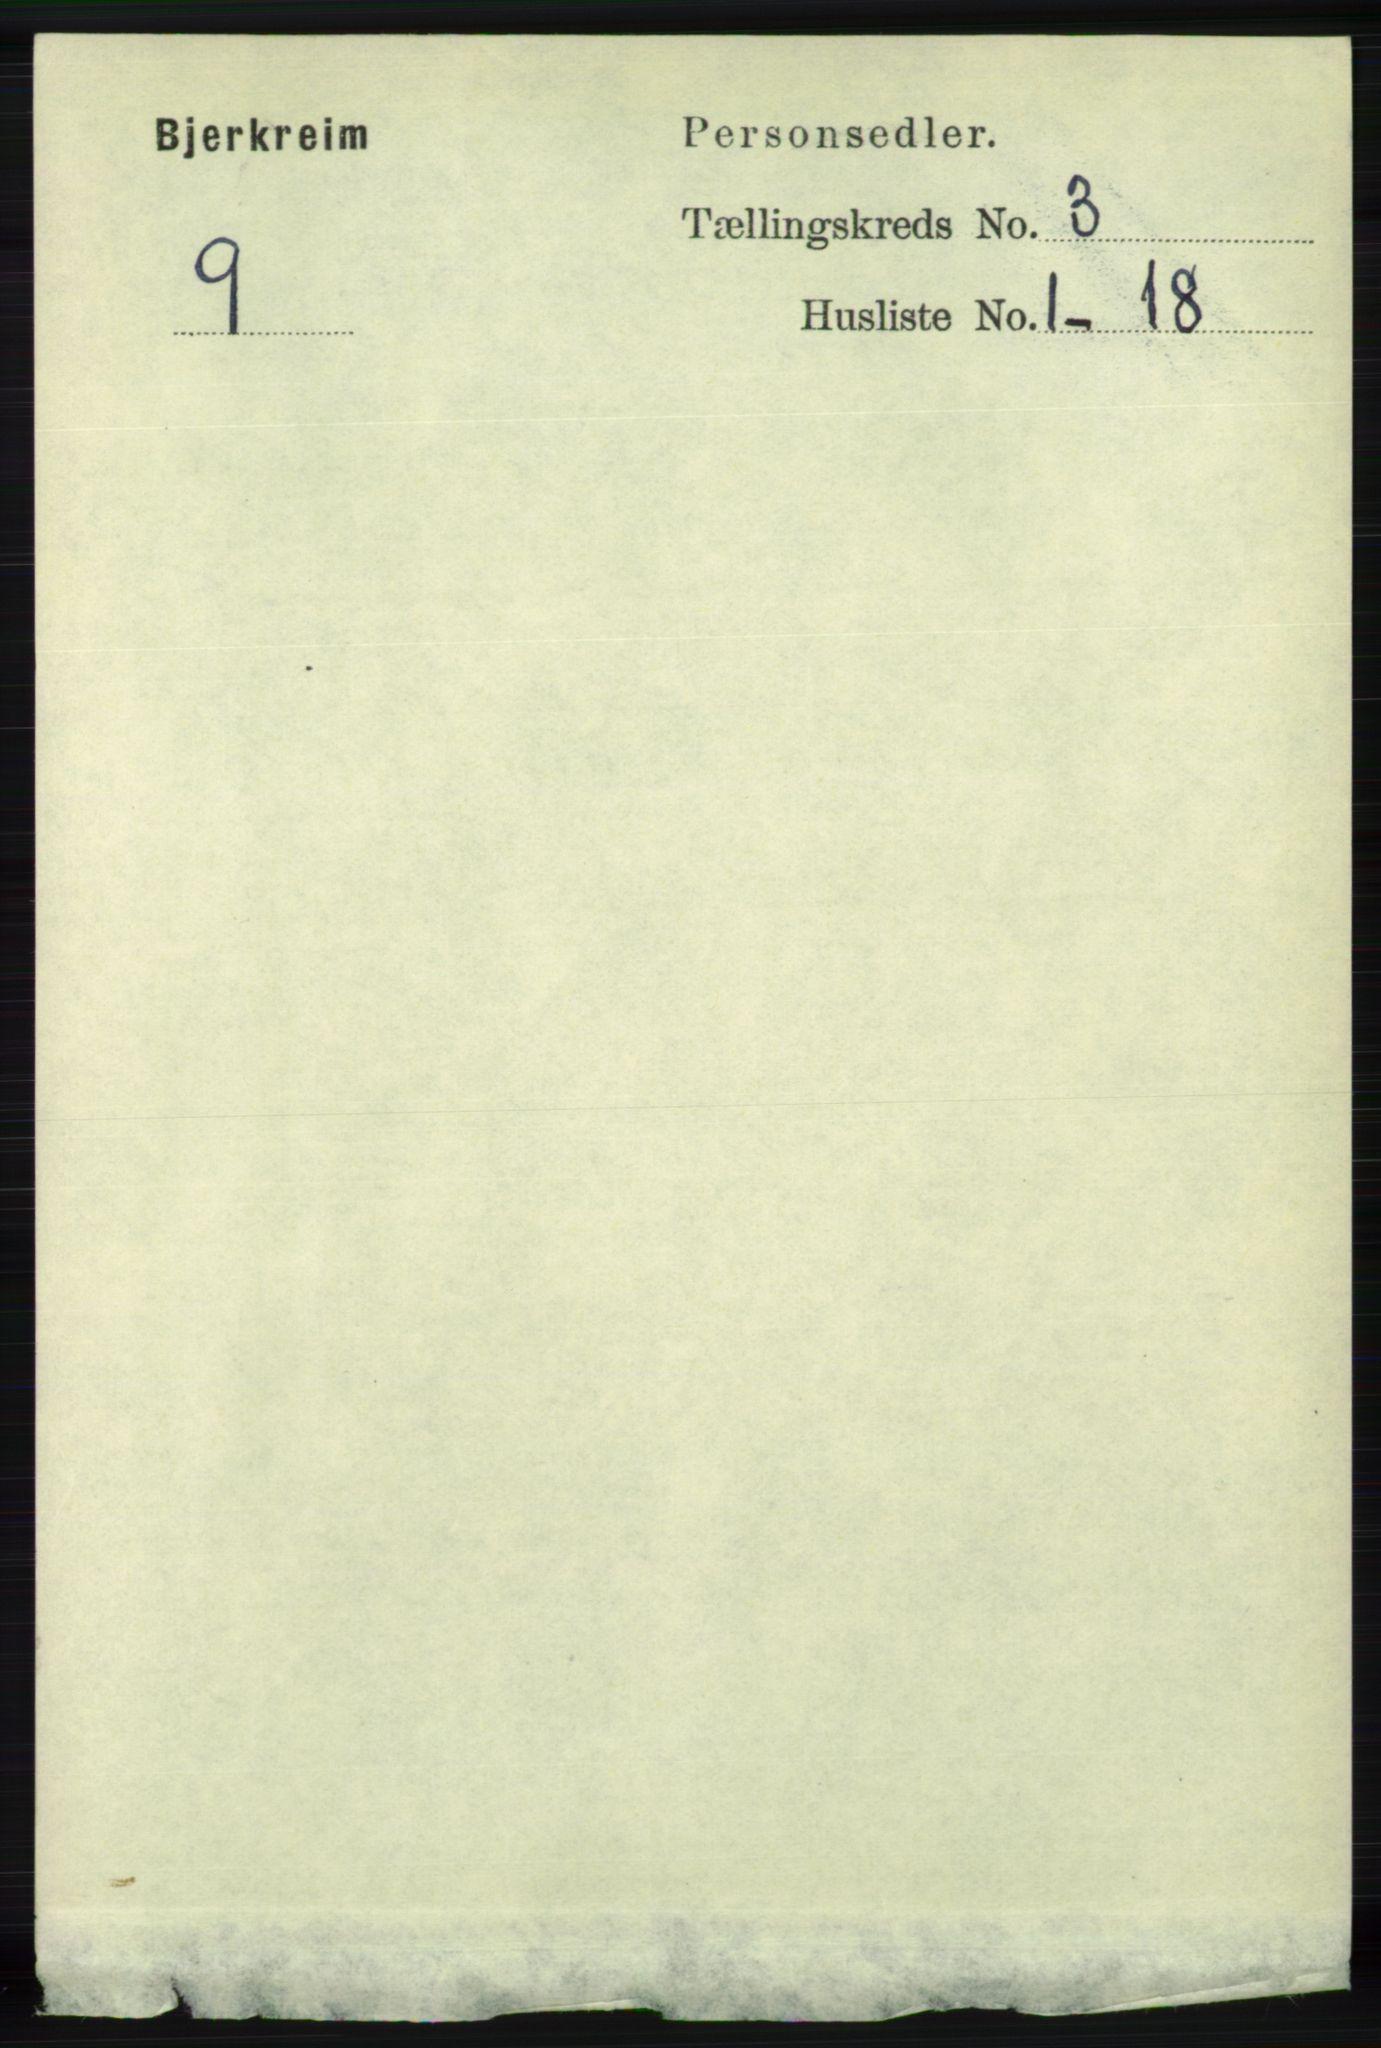 RA, Folketelling 1891 for 1114 Bjerkreim herred, 1891, s. 891